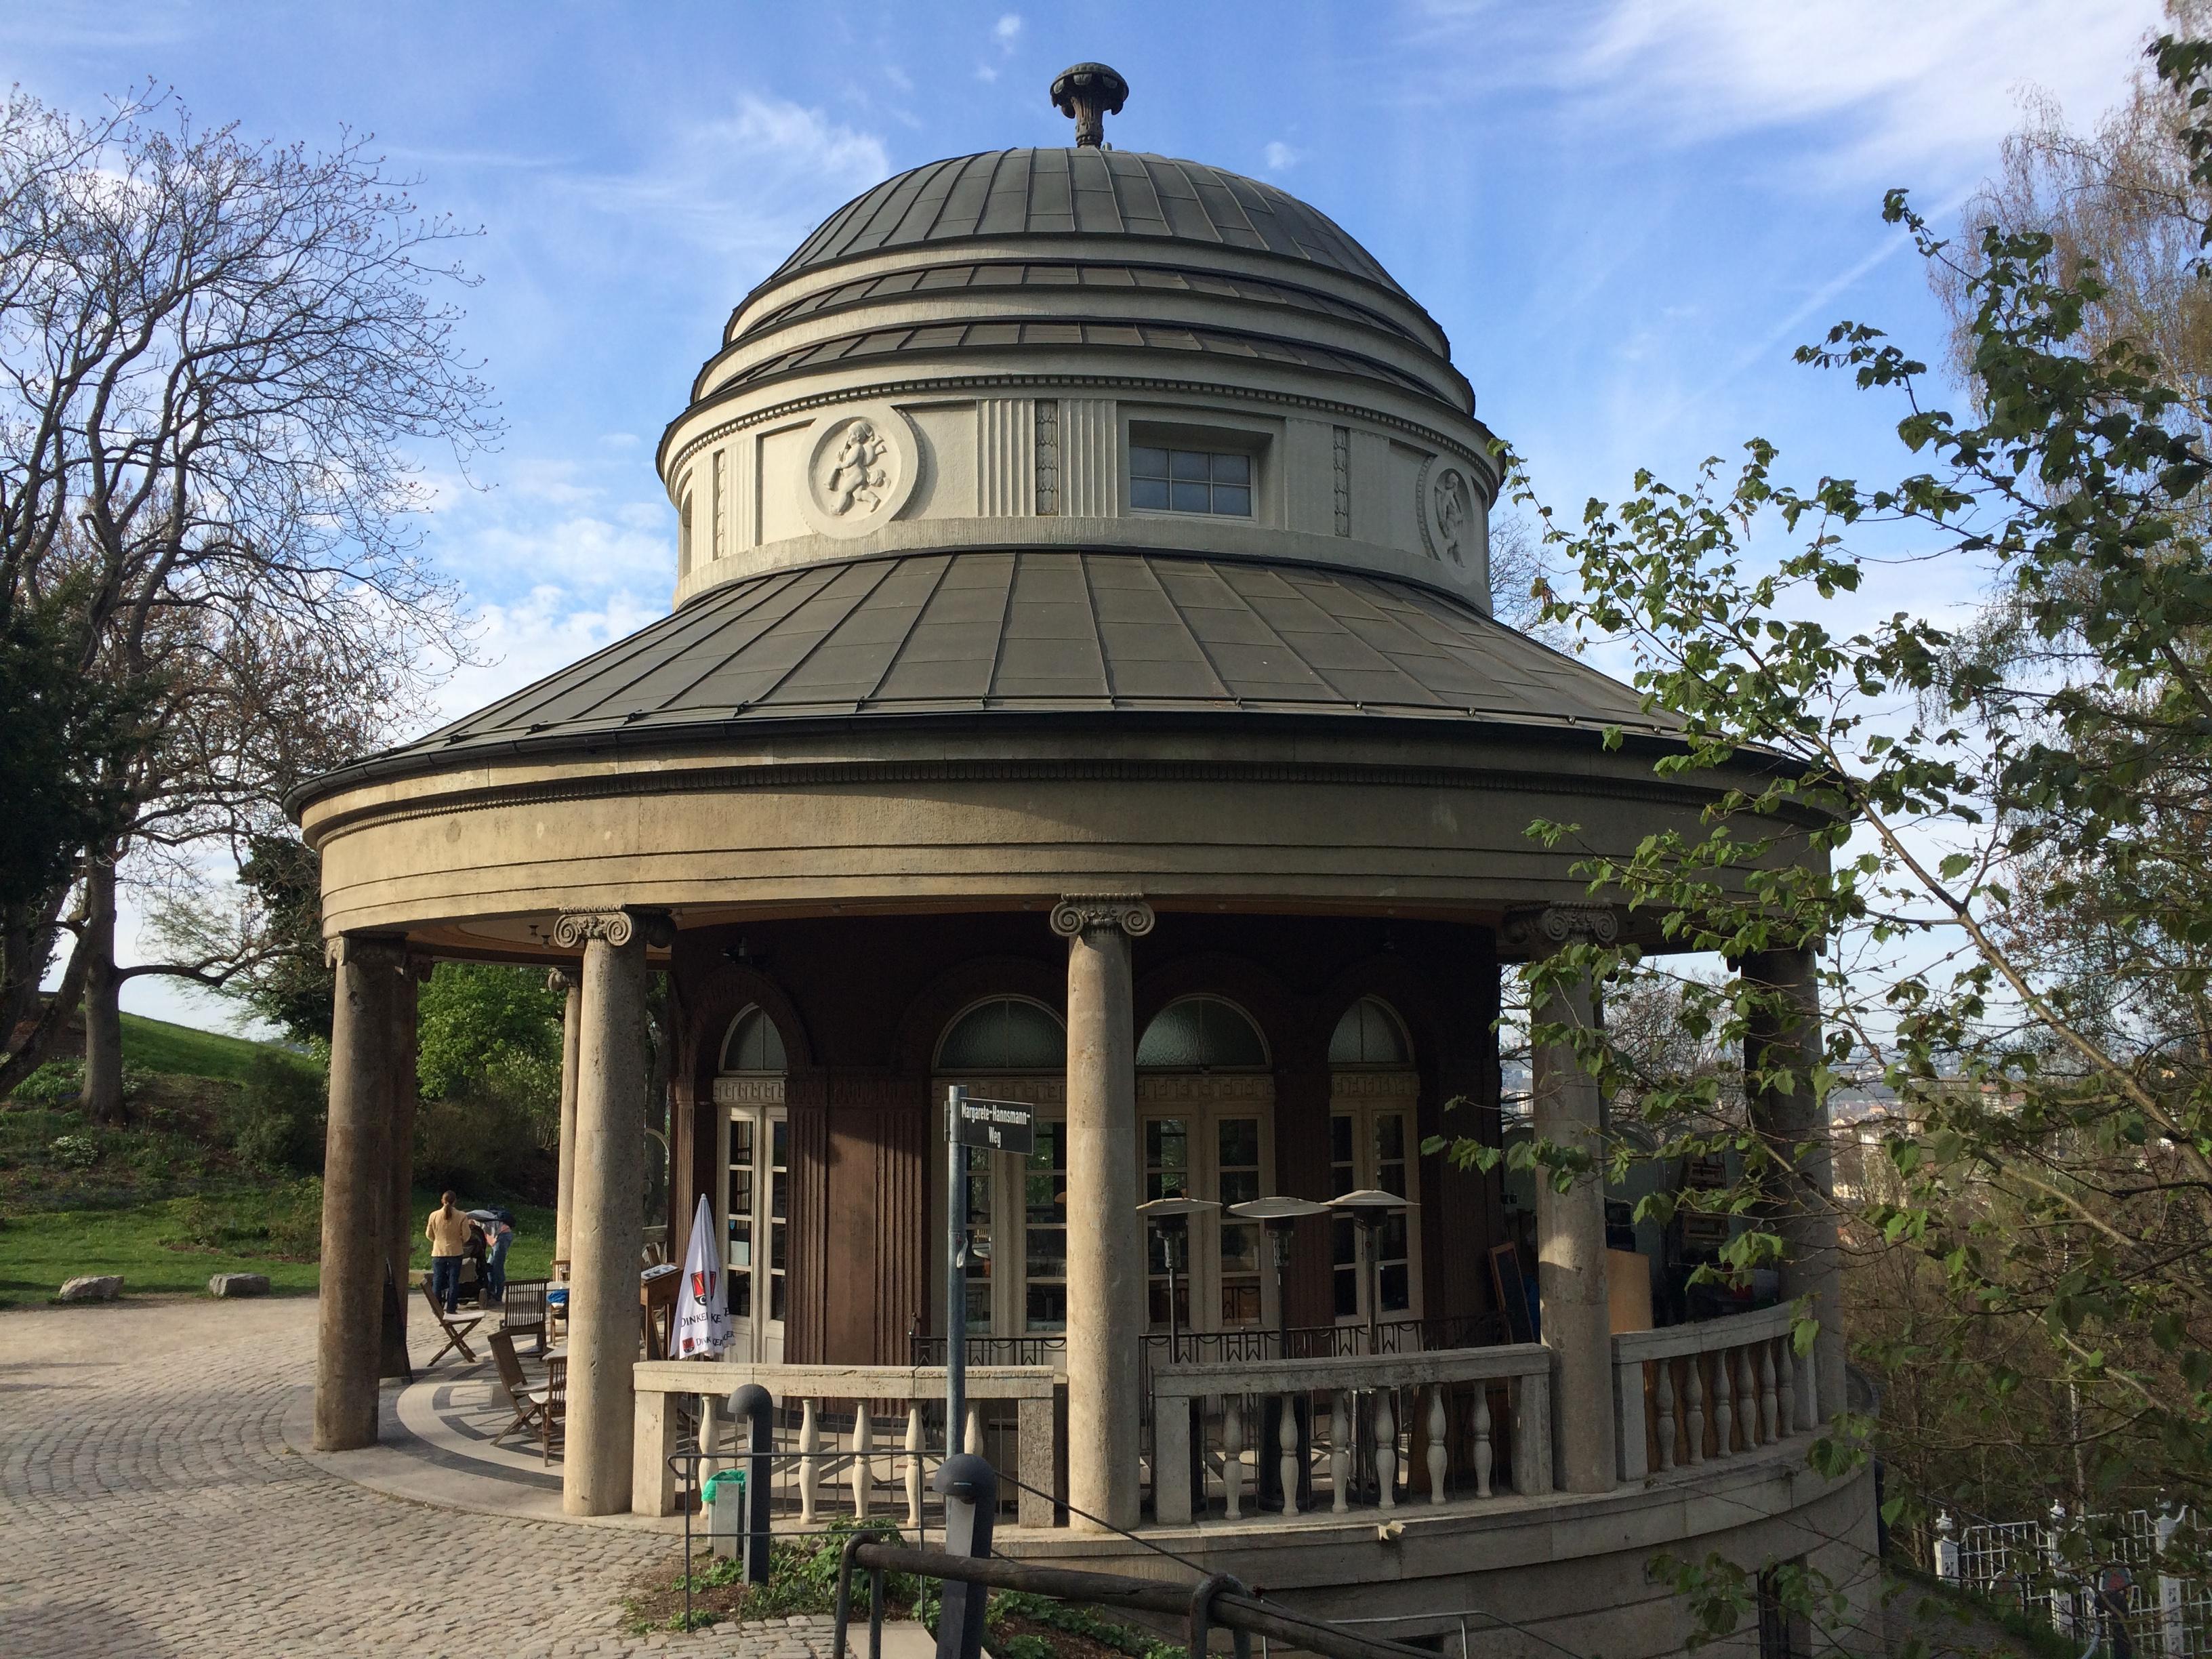 Stuttgart Aussichtspunkte Teehaus